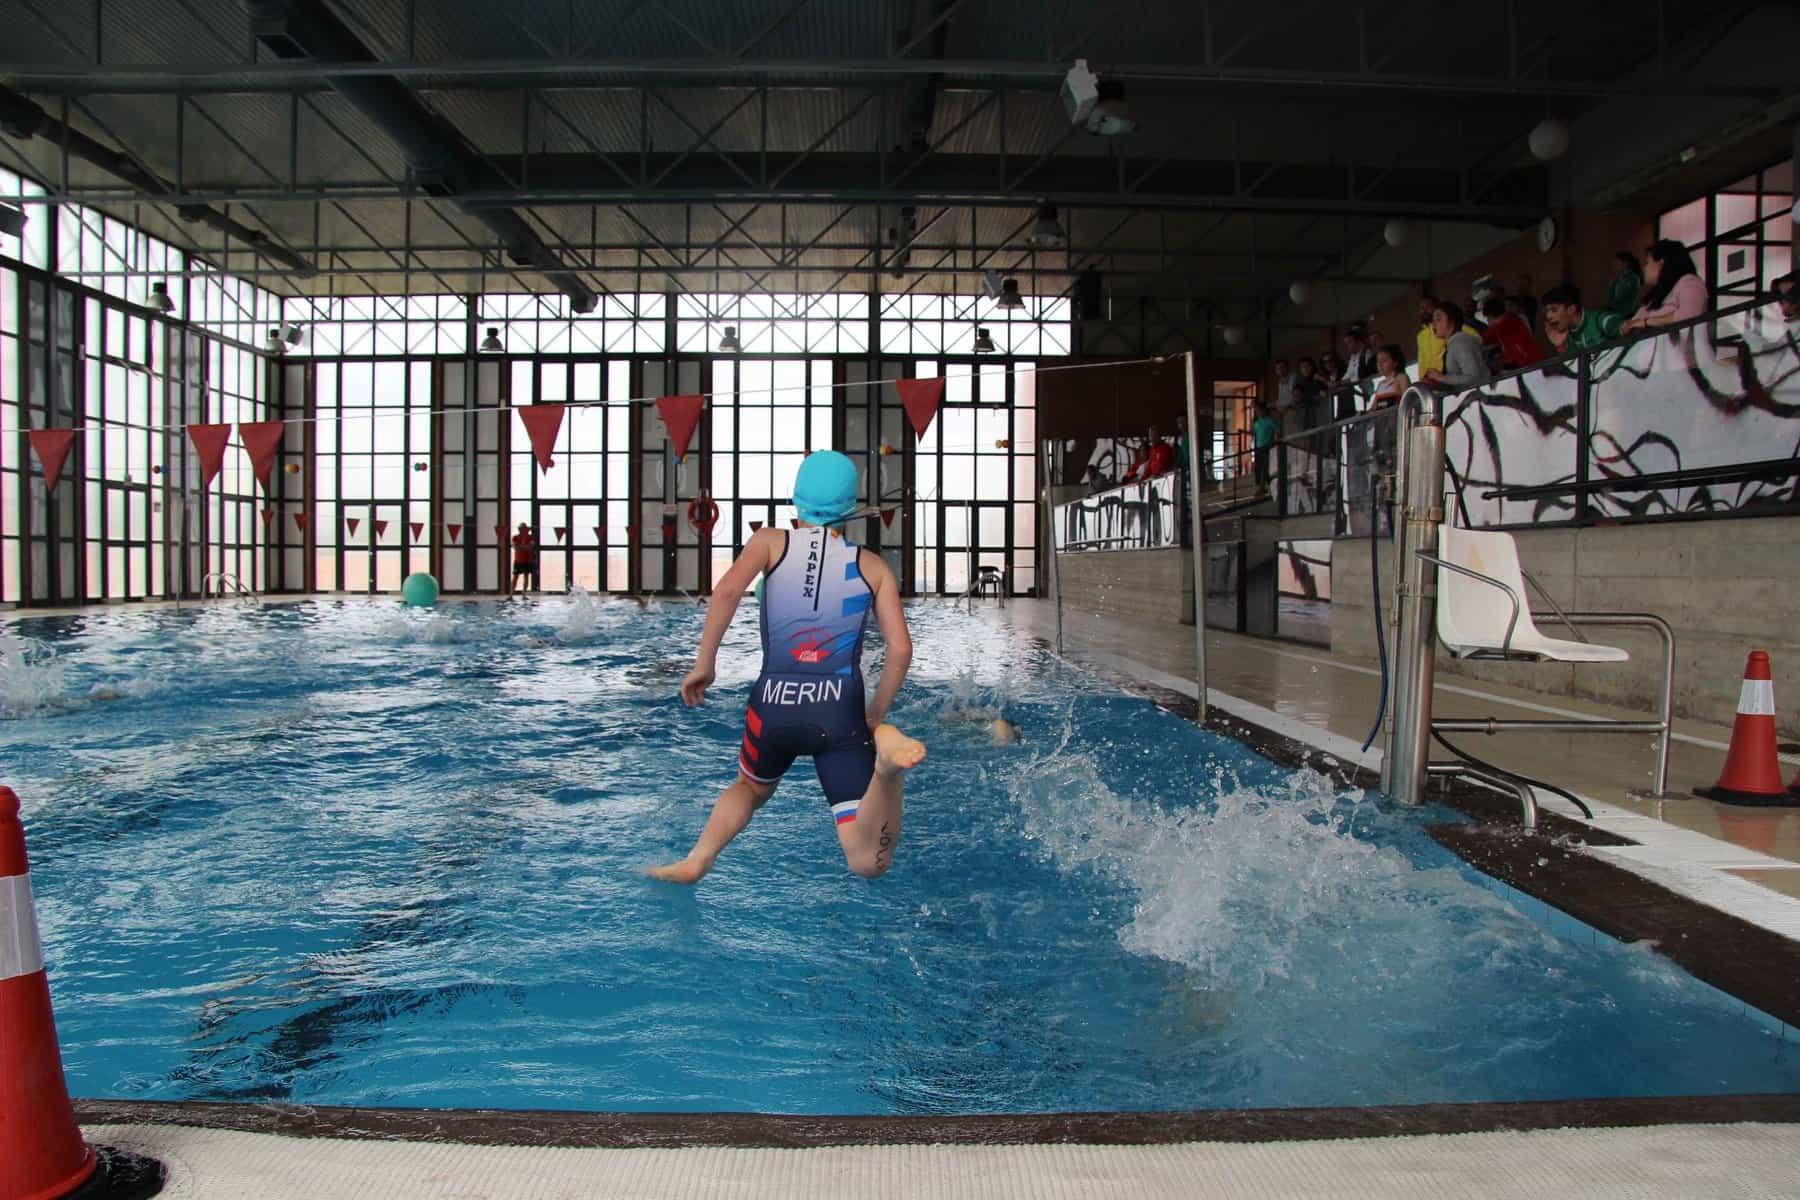 La piscina de la granadilla abre de nuevo badajoz deportes for Piscina municipal san roque